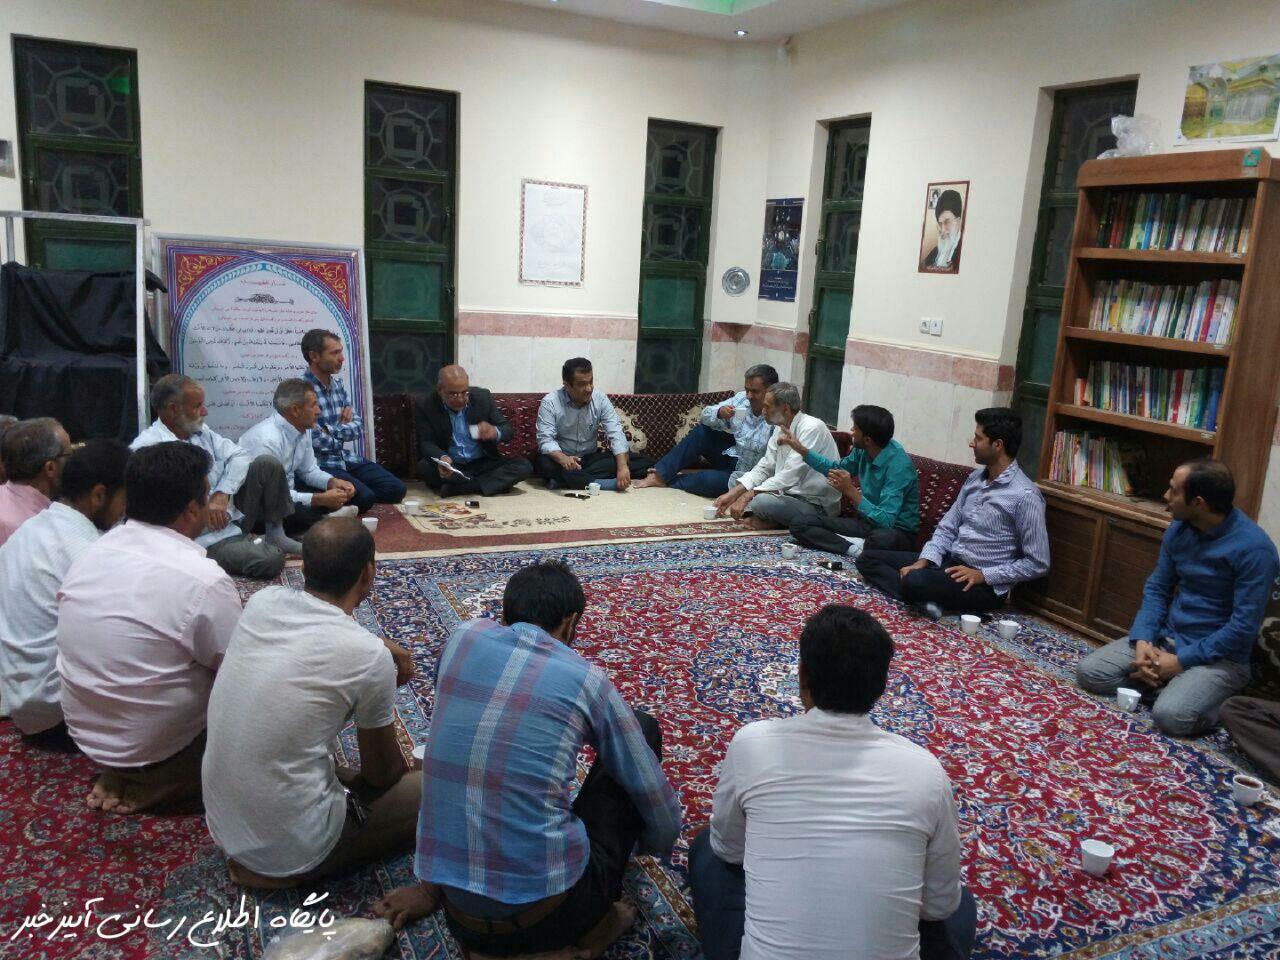 جلسه هم اندیشی مسئولین شهرآبیز با جوانان شهرک جدید